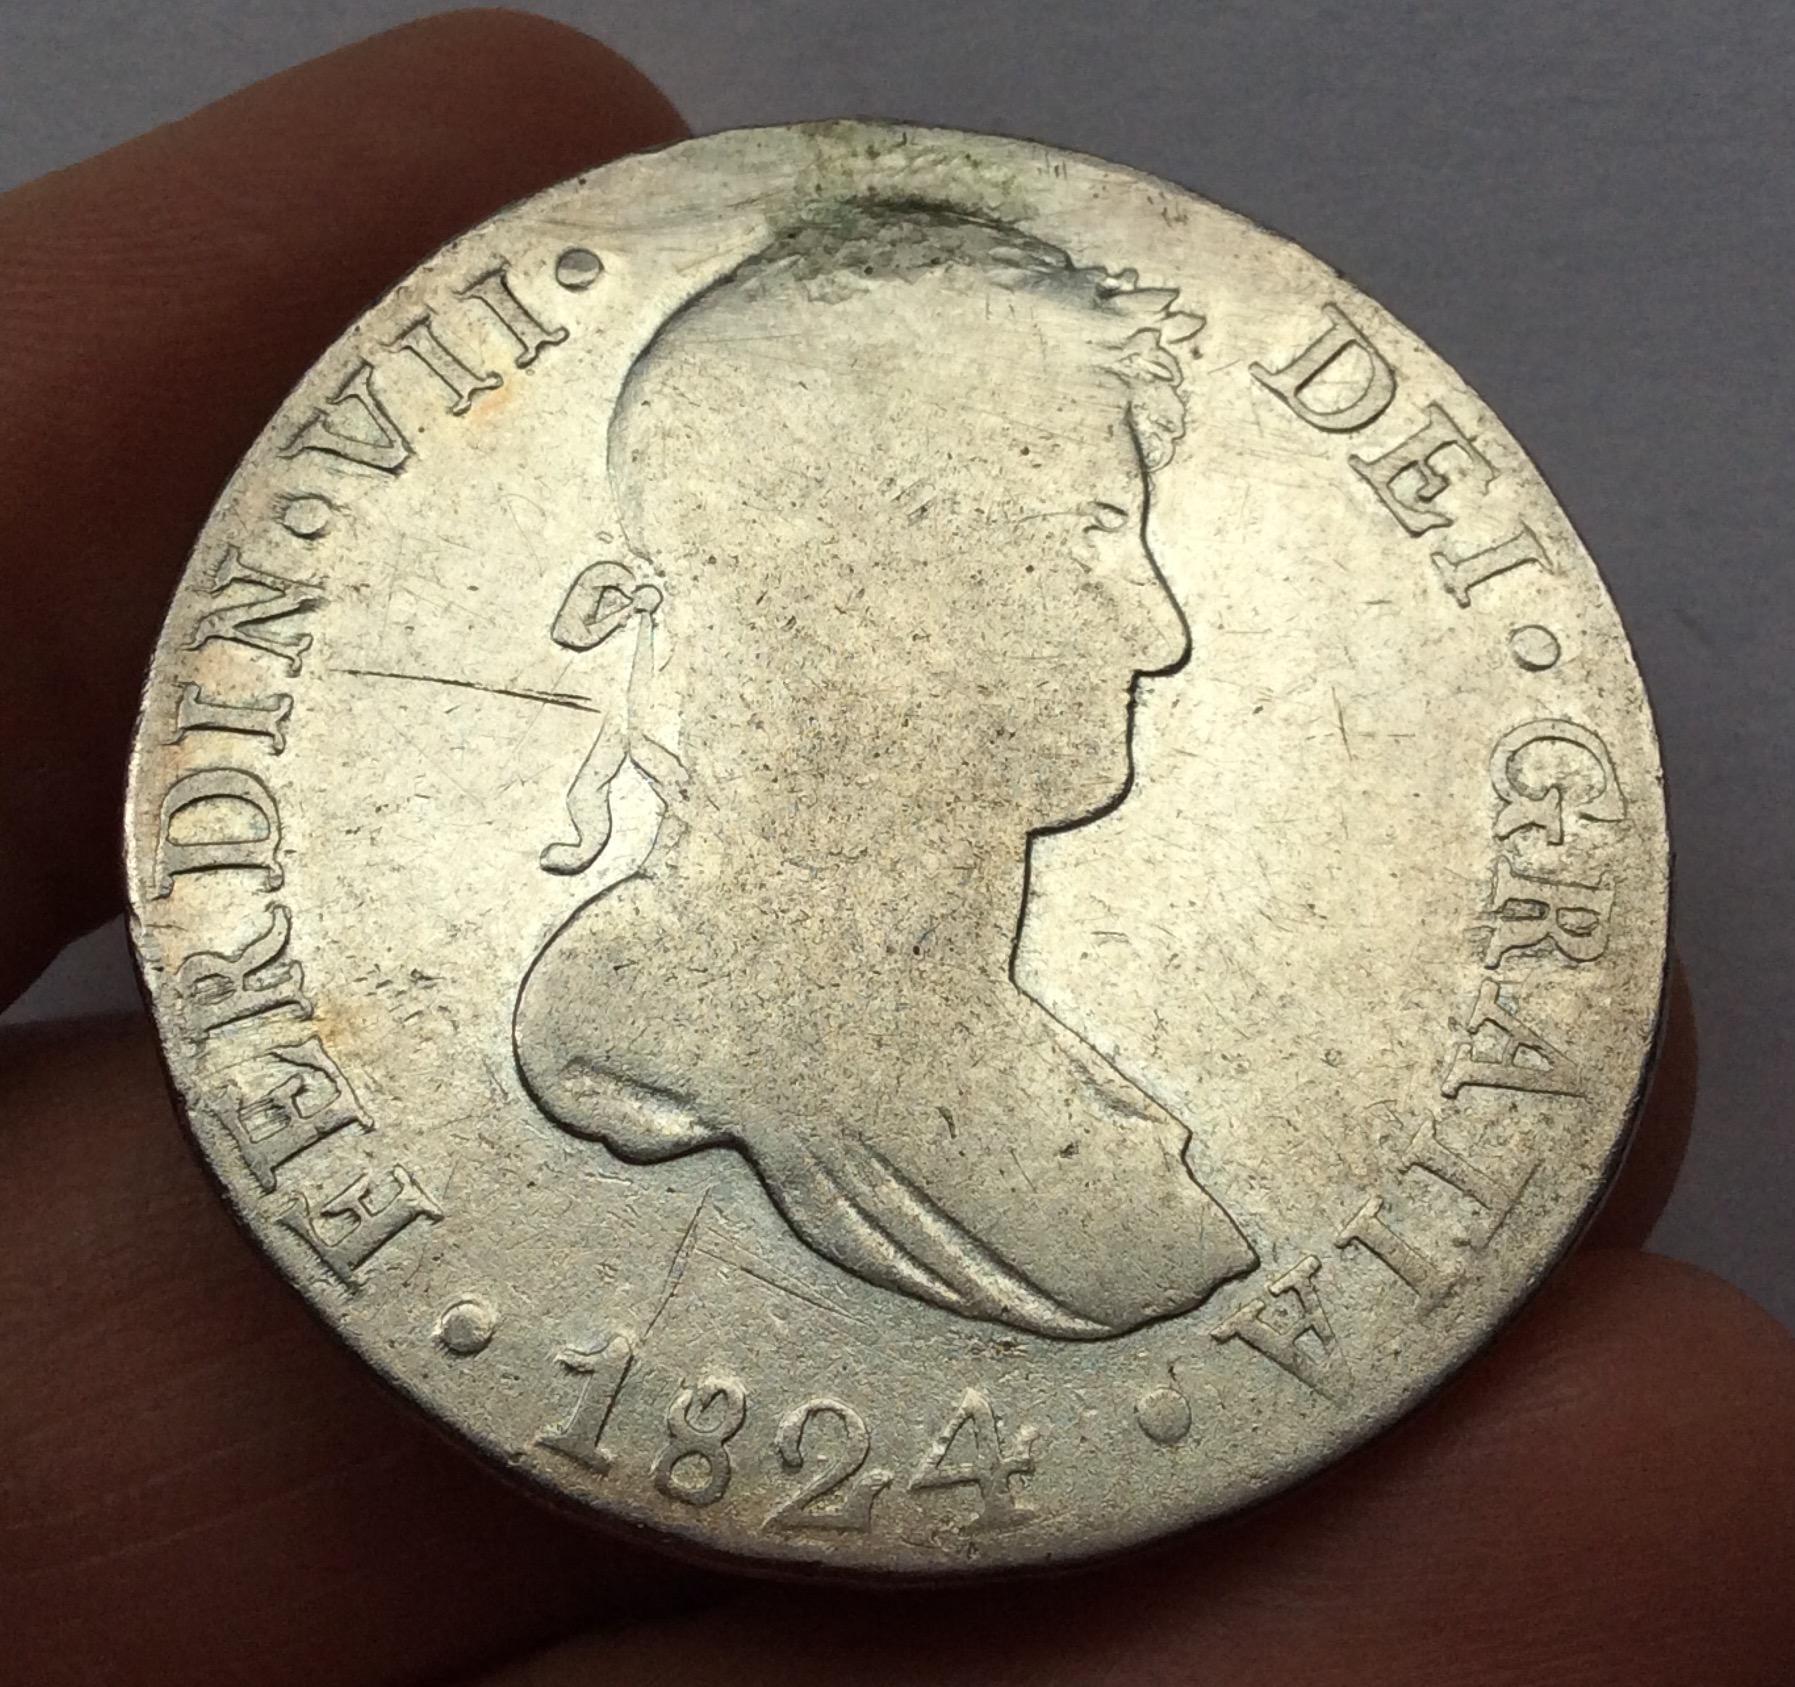 8 REALES PLATA 1824 - CUZCO - FERNANDO VII - MUY ESCASA